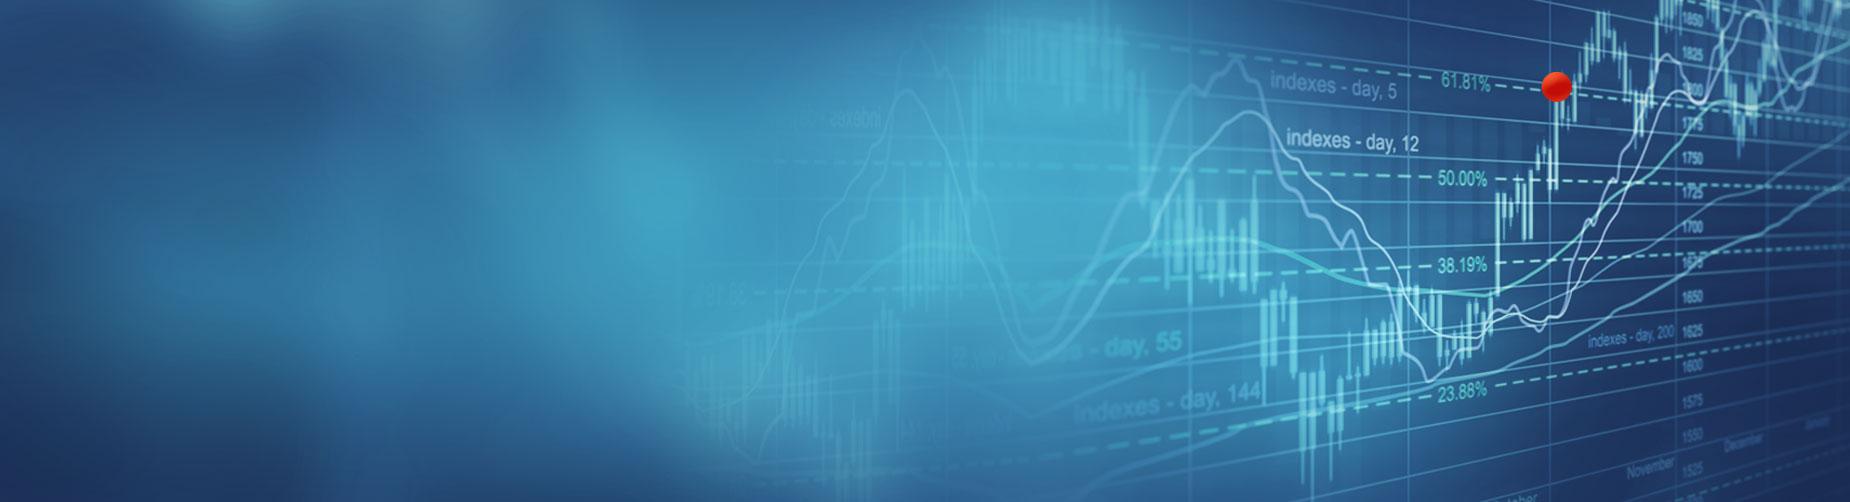 Qumak SA relacje inwestorskie